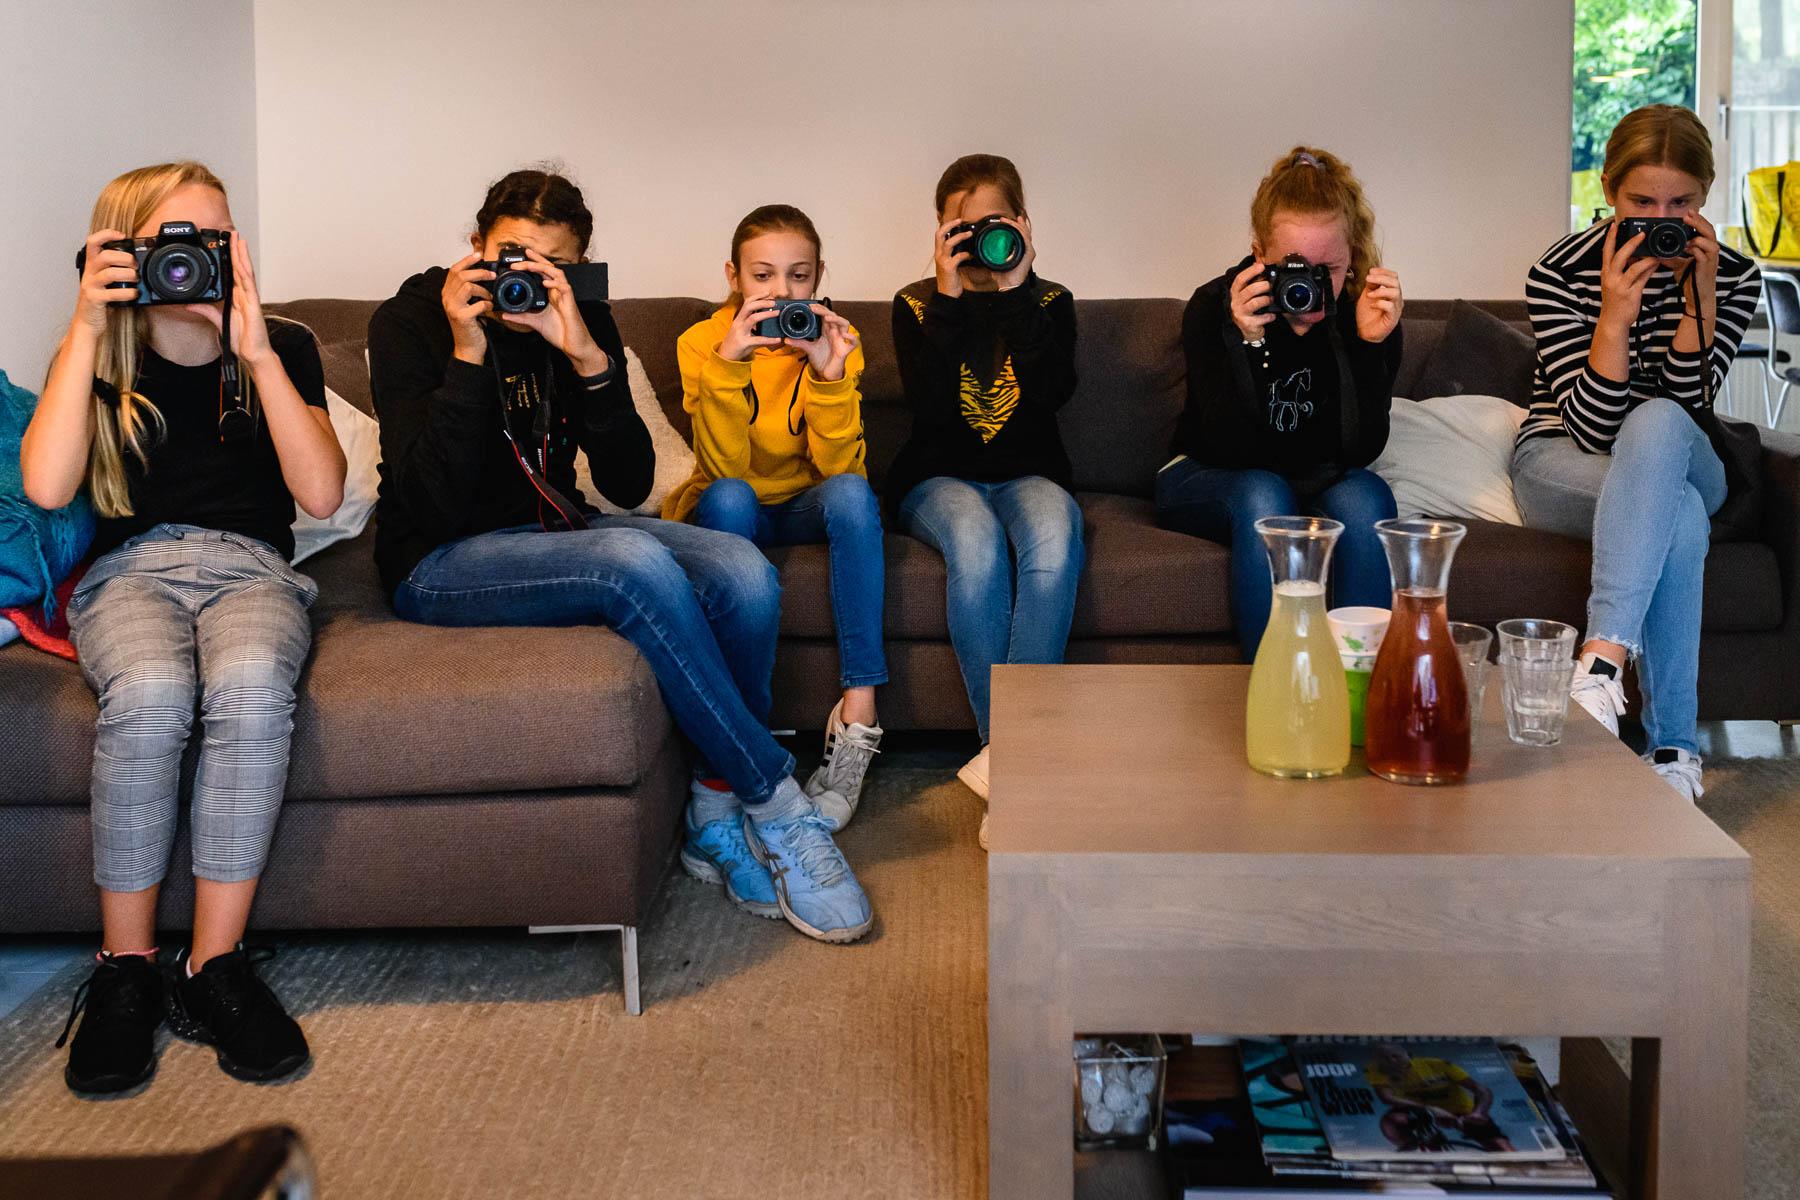 Cursus fotograferen voor kinderen-Cursus-basisfotografie-voor-kinderen-Maarssen-Utrecht-Sandra-Stokmans-Het-echte-leven-fotograferen